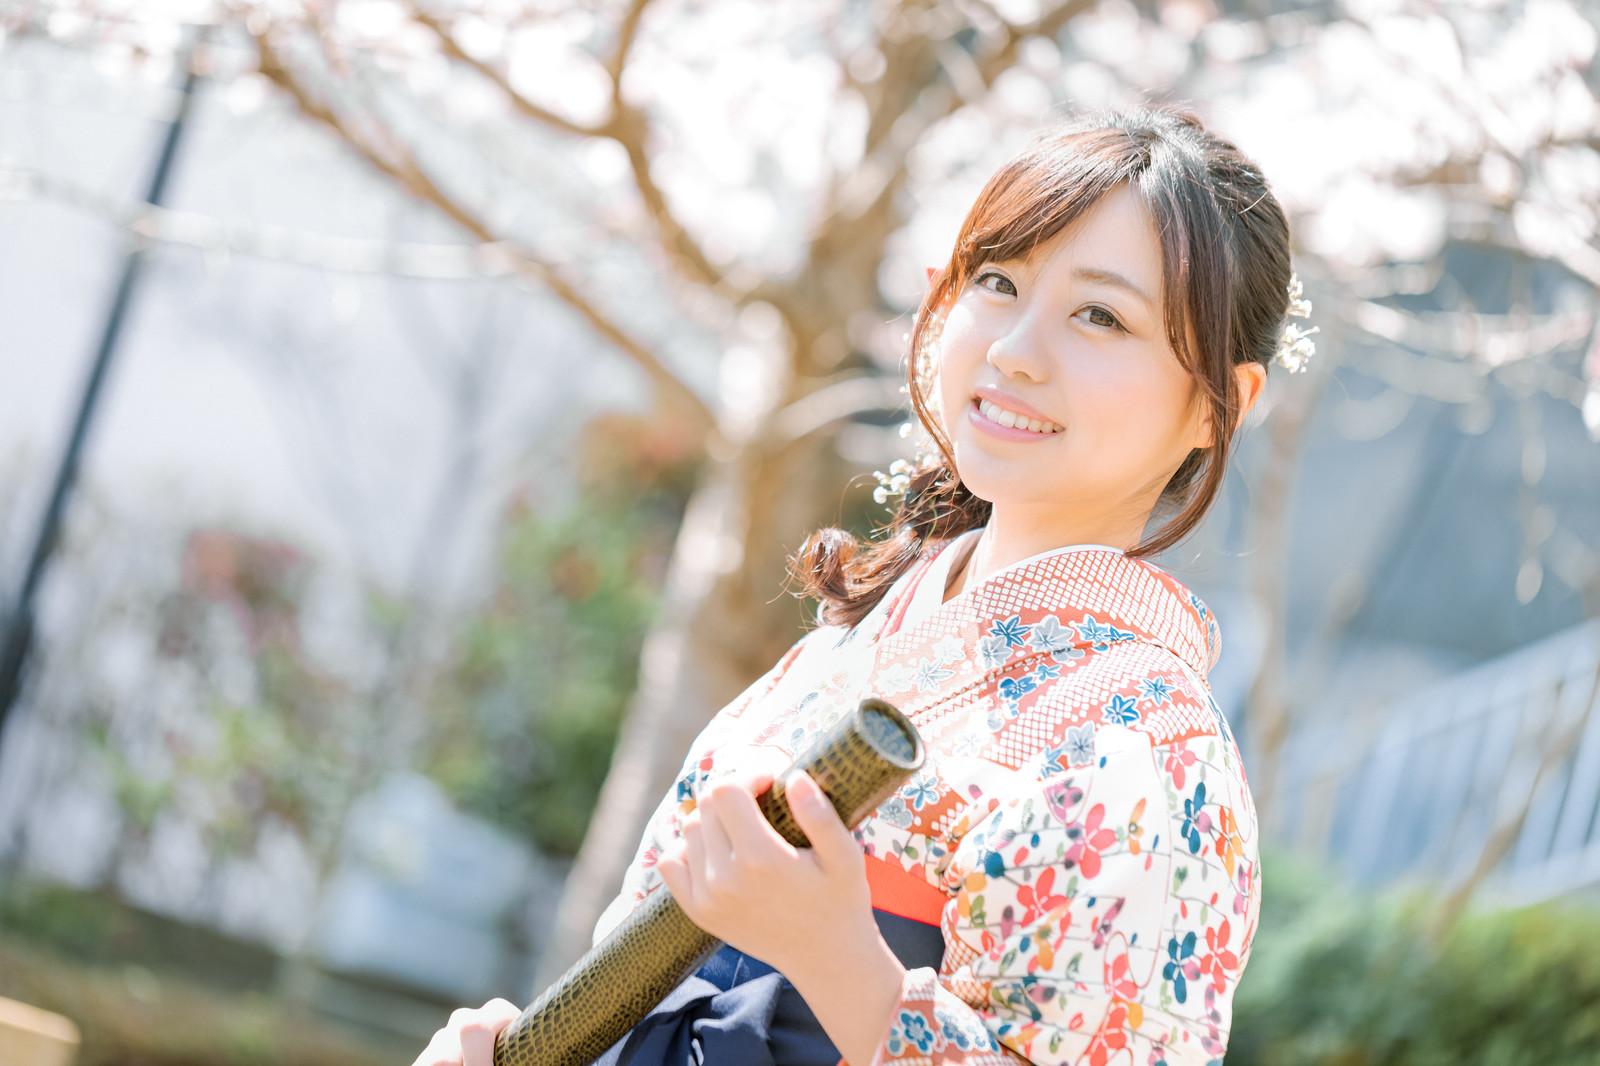 室田瑞希さん卒業発表!突然の発表にファンに衝撃 家庭環境や大学も影響?